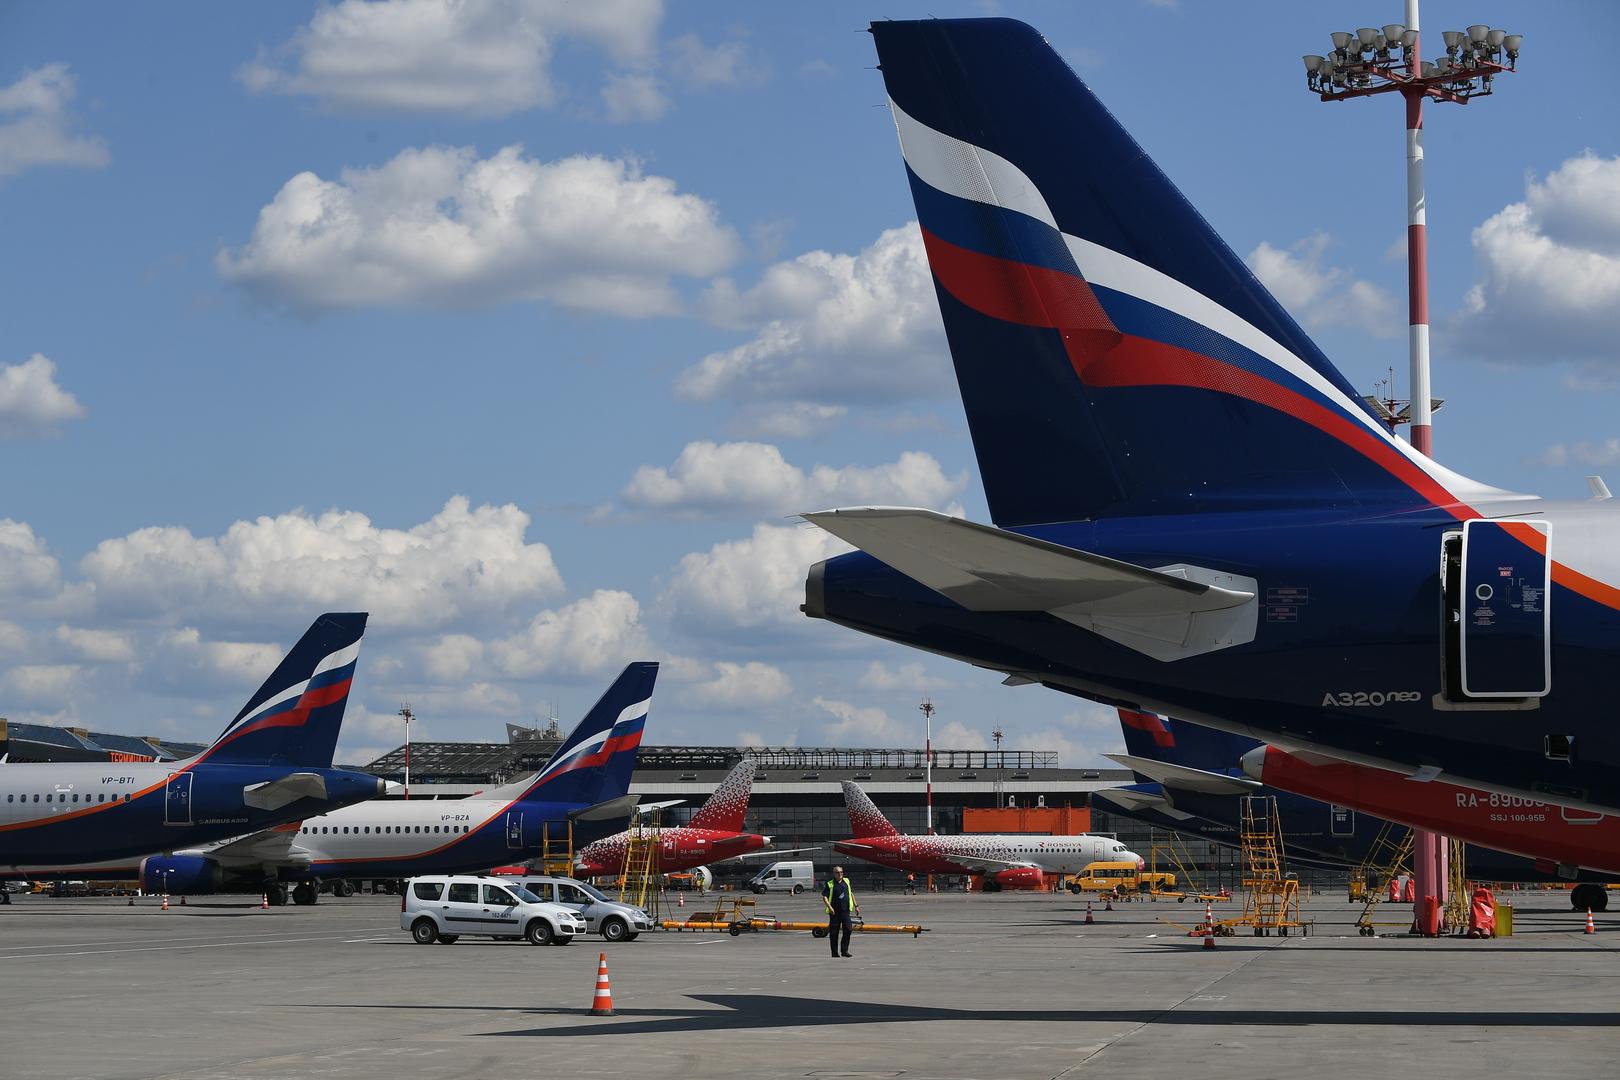 تسع شركات روسية تطلب التصاريح لتنفيذ رحلات سياحية إلى منتجعات مصر